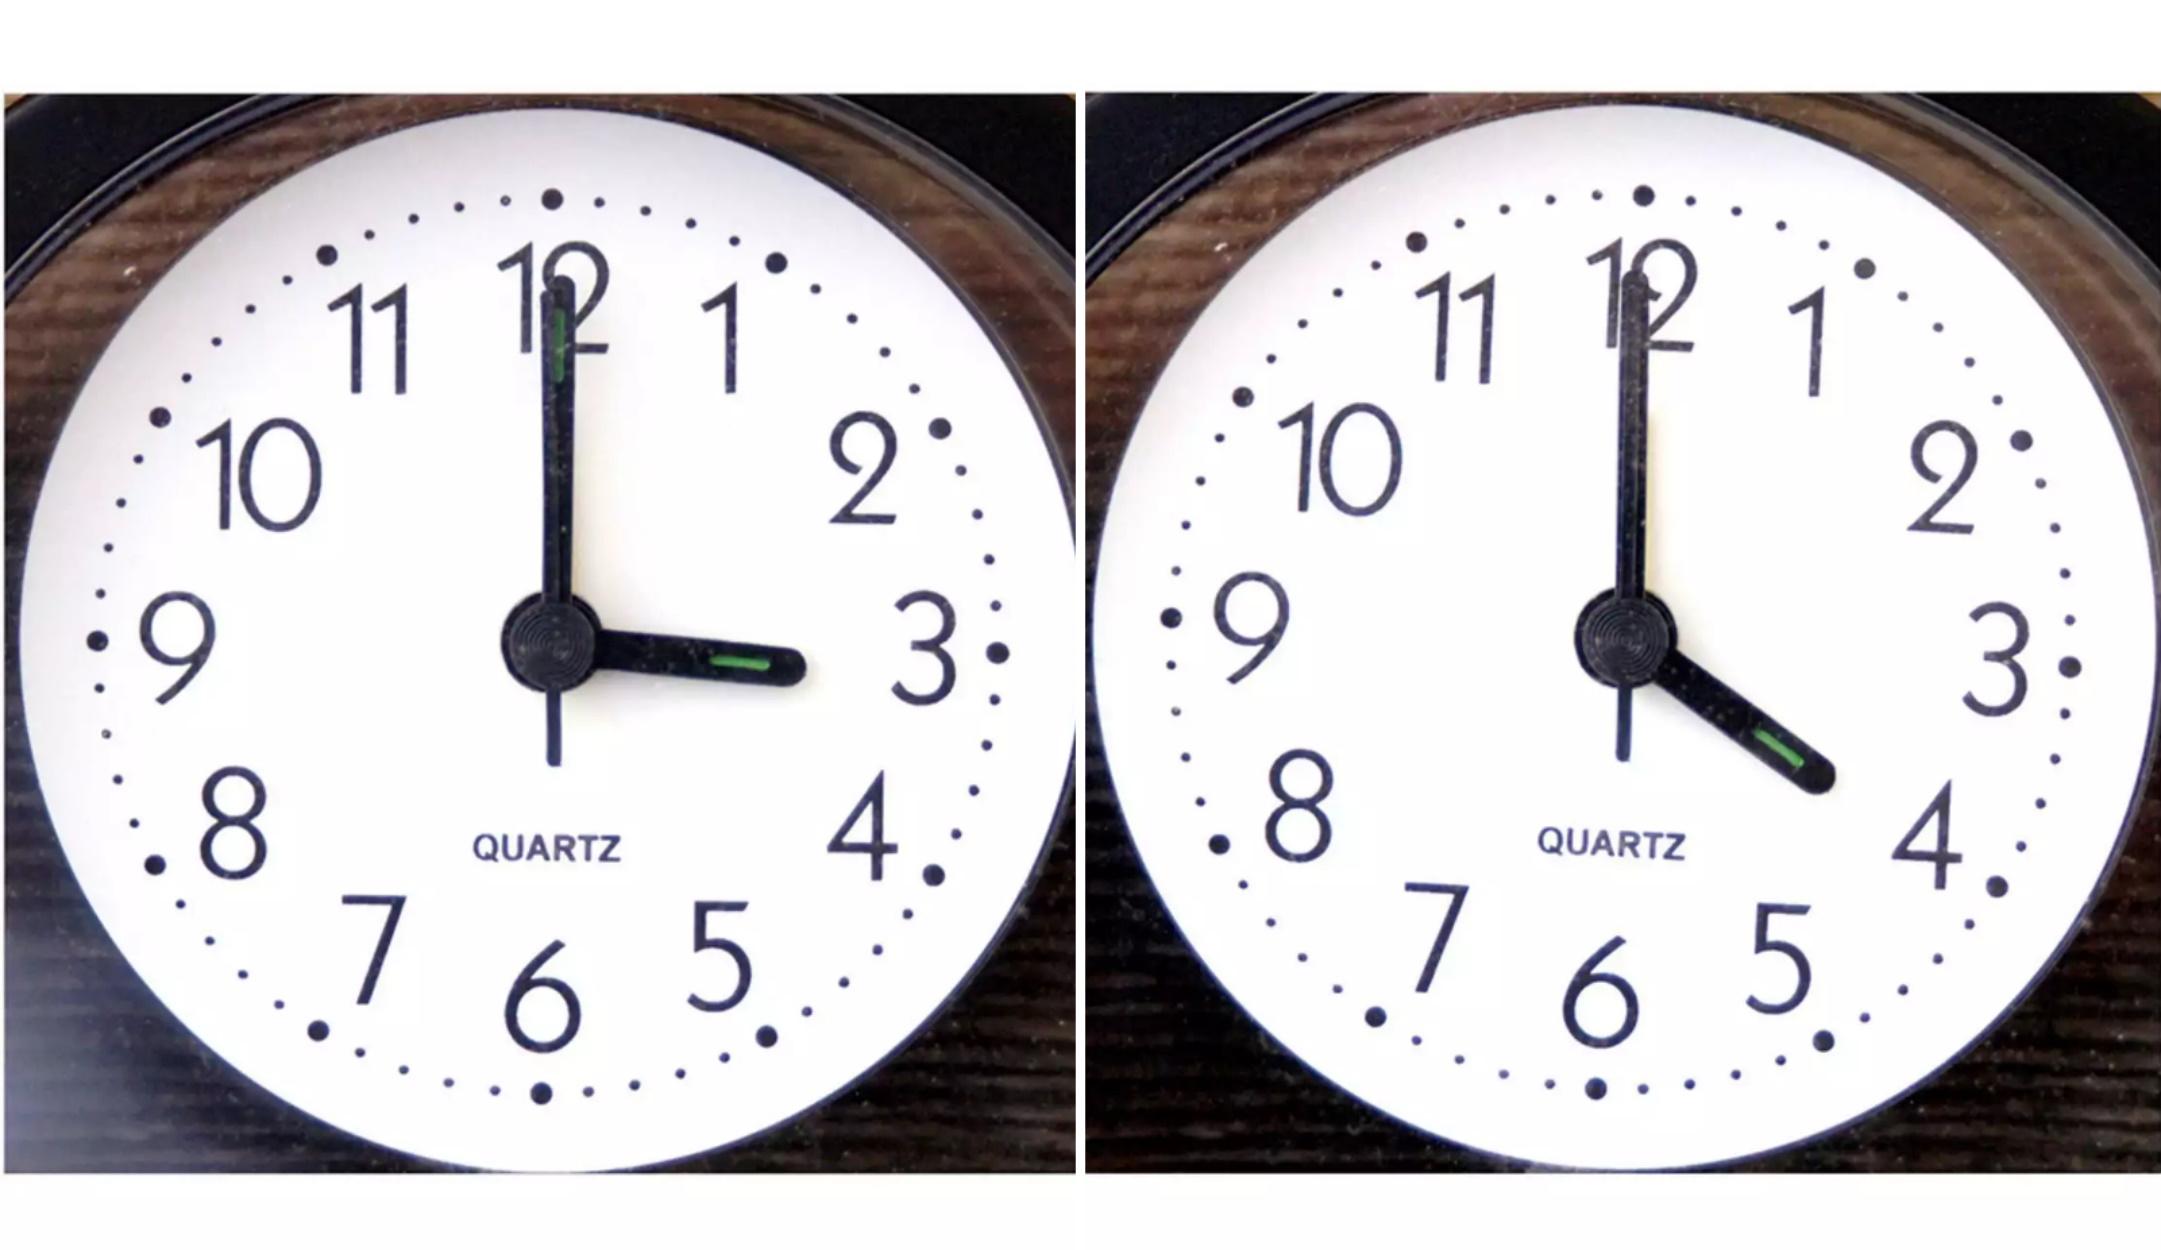 Αλλαγή ώρας Μάρτιος 2020: Πότε βάζουμε τα ρολόγια μία ώρα μπροστά